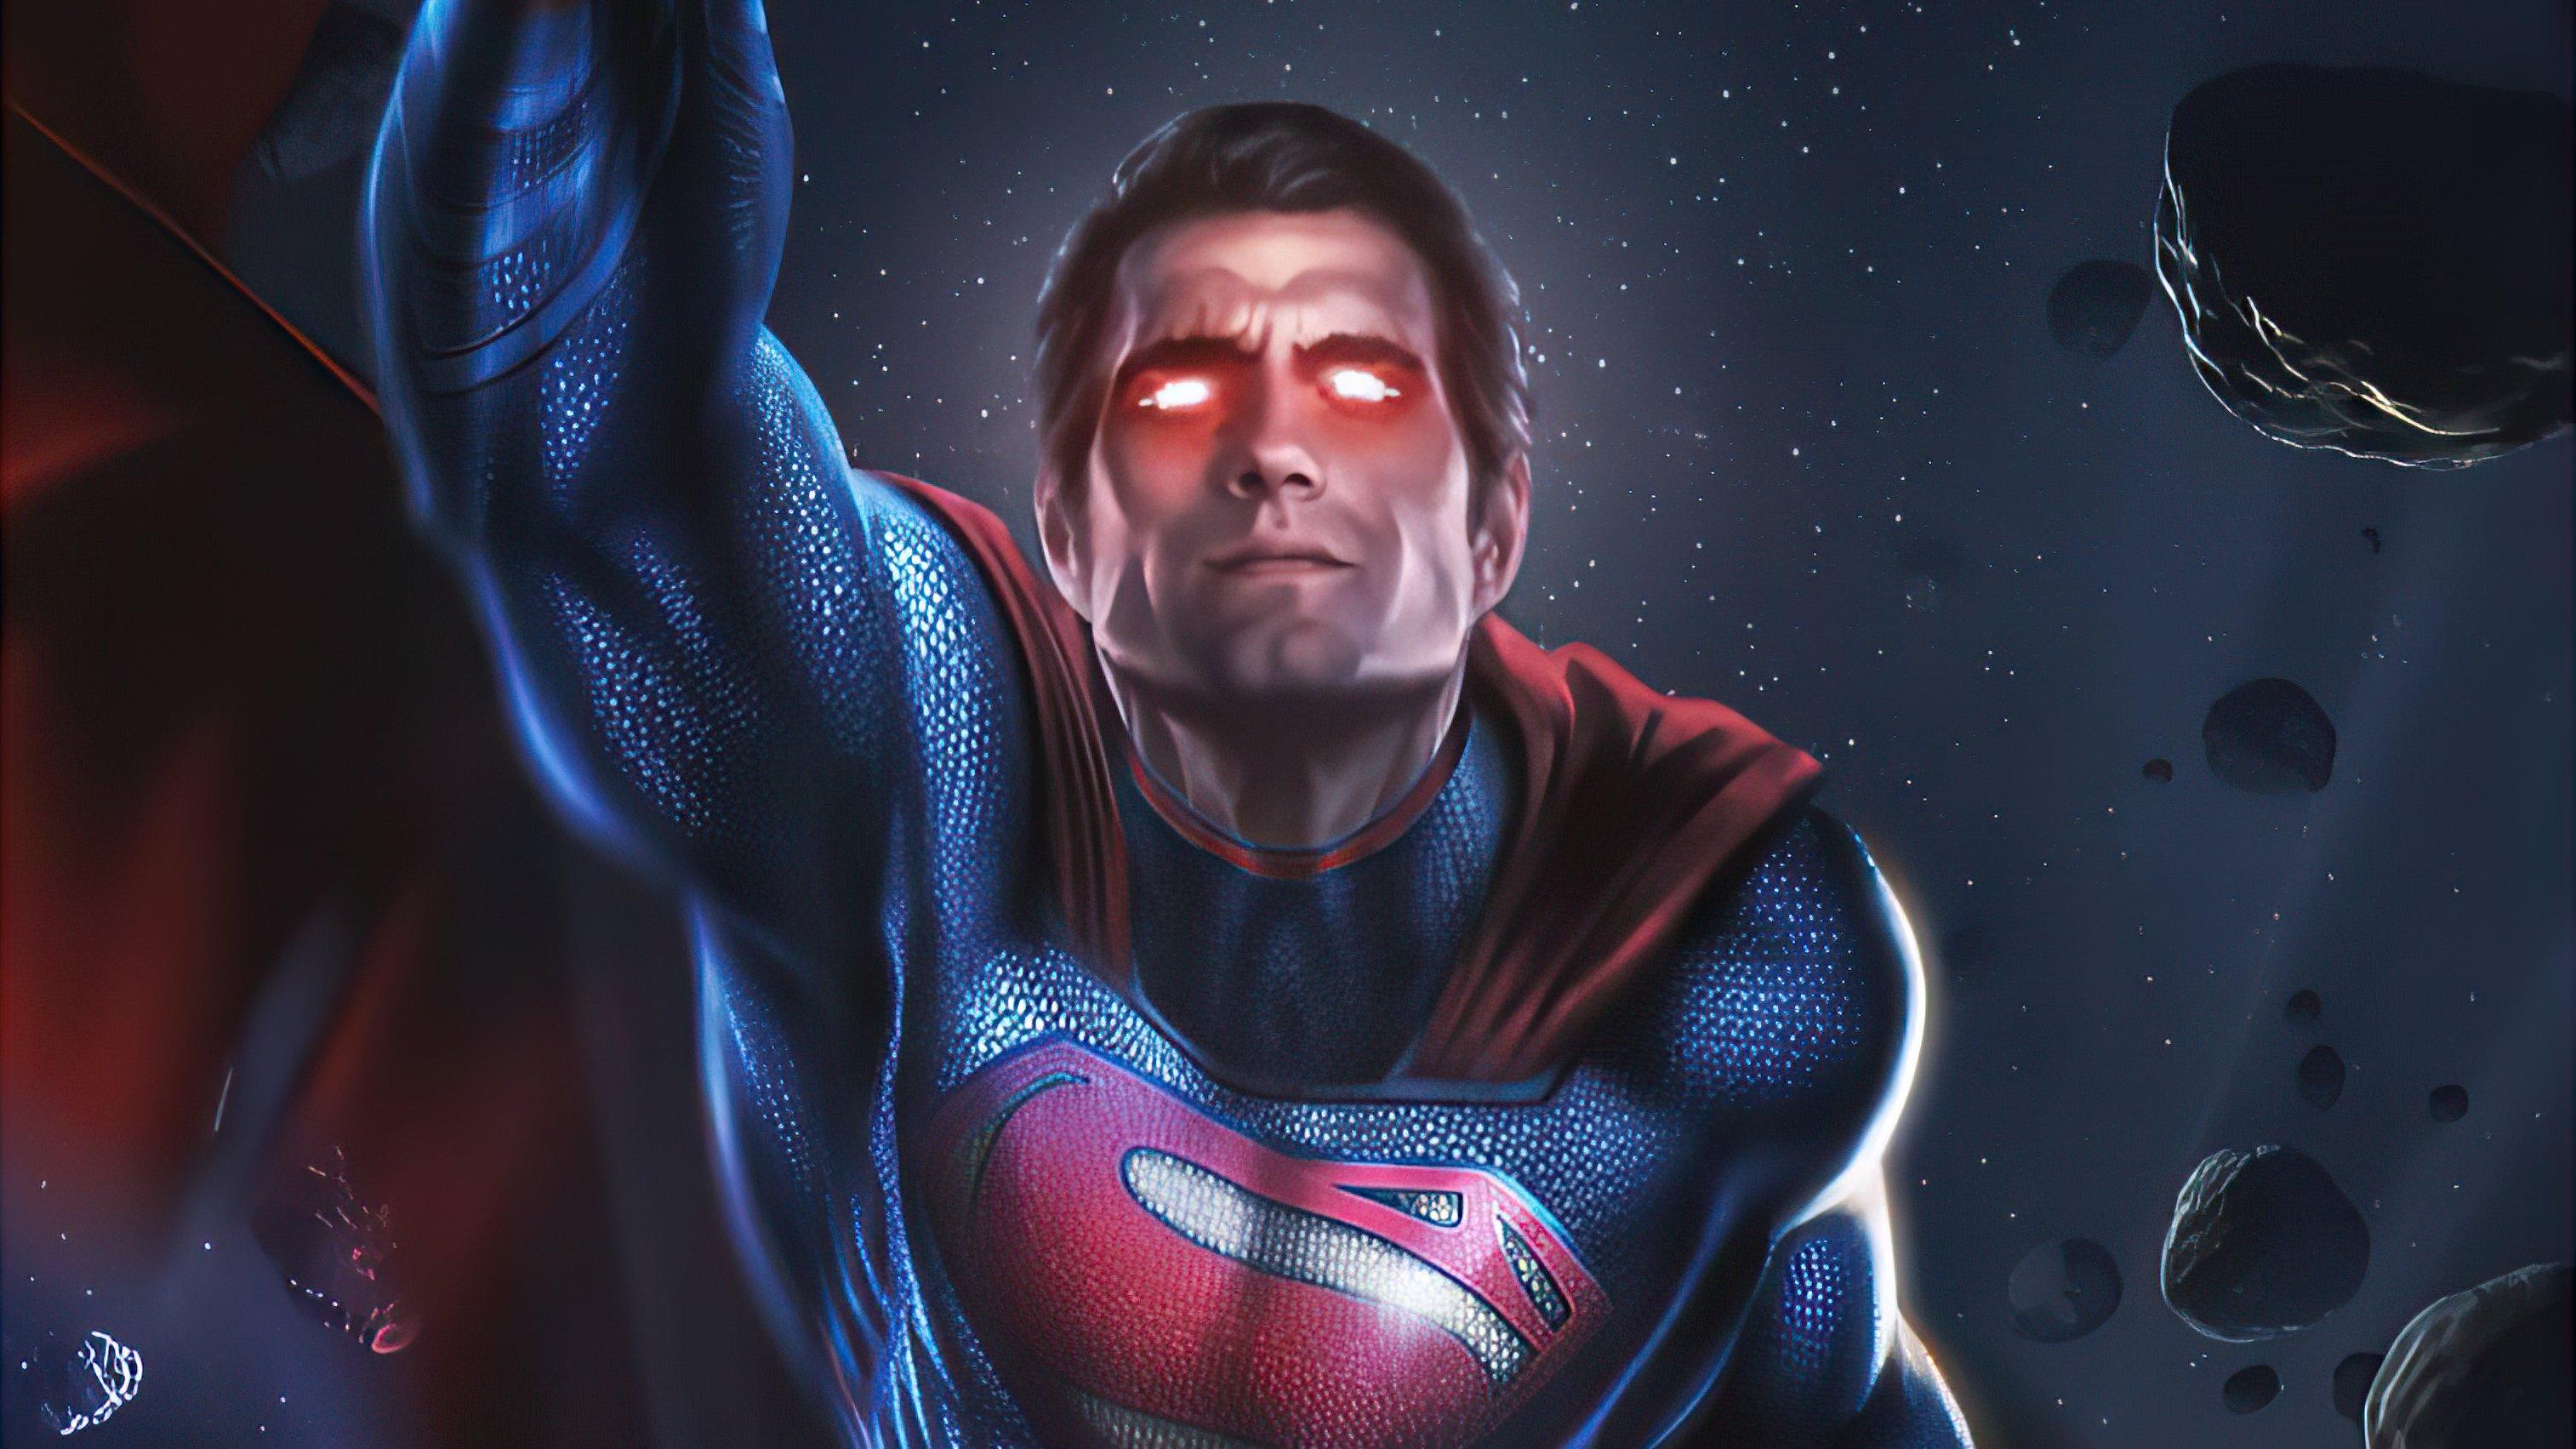 Wallpaper Henry Cavill as Superman 2020